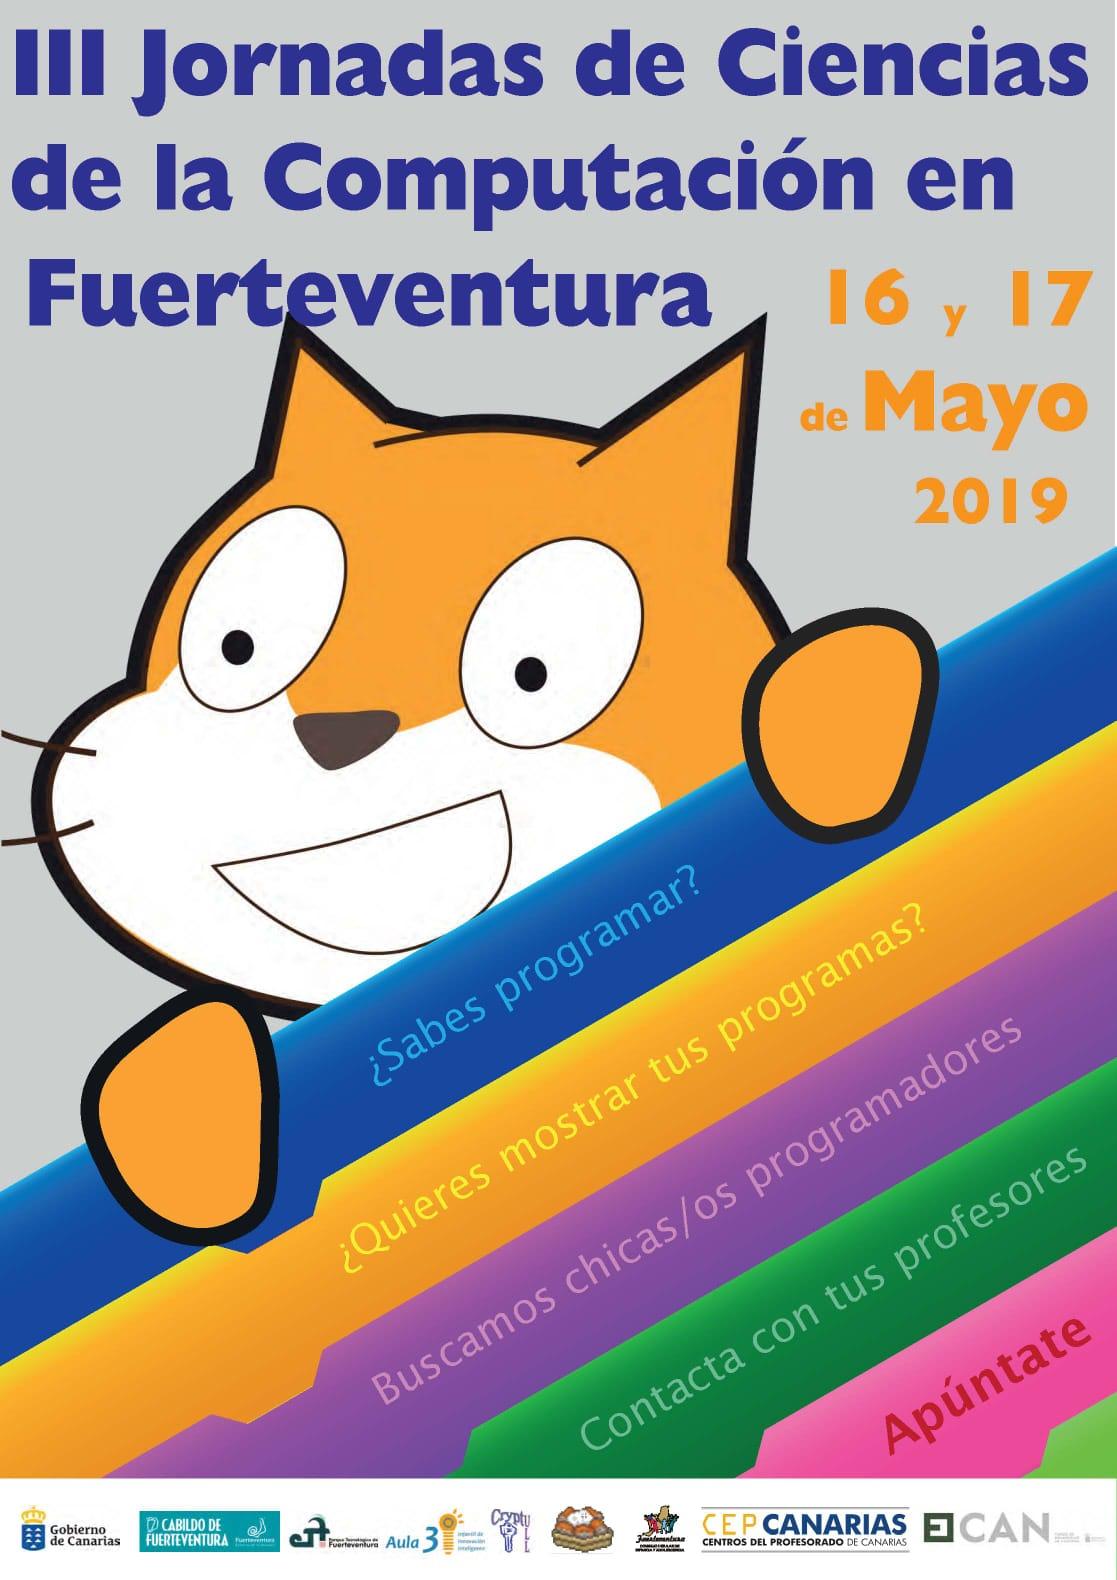 Comienzan las III Jornadas de Ciencias de la Computación en Fuerteventura